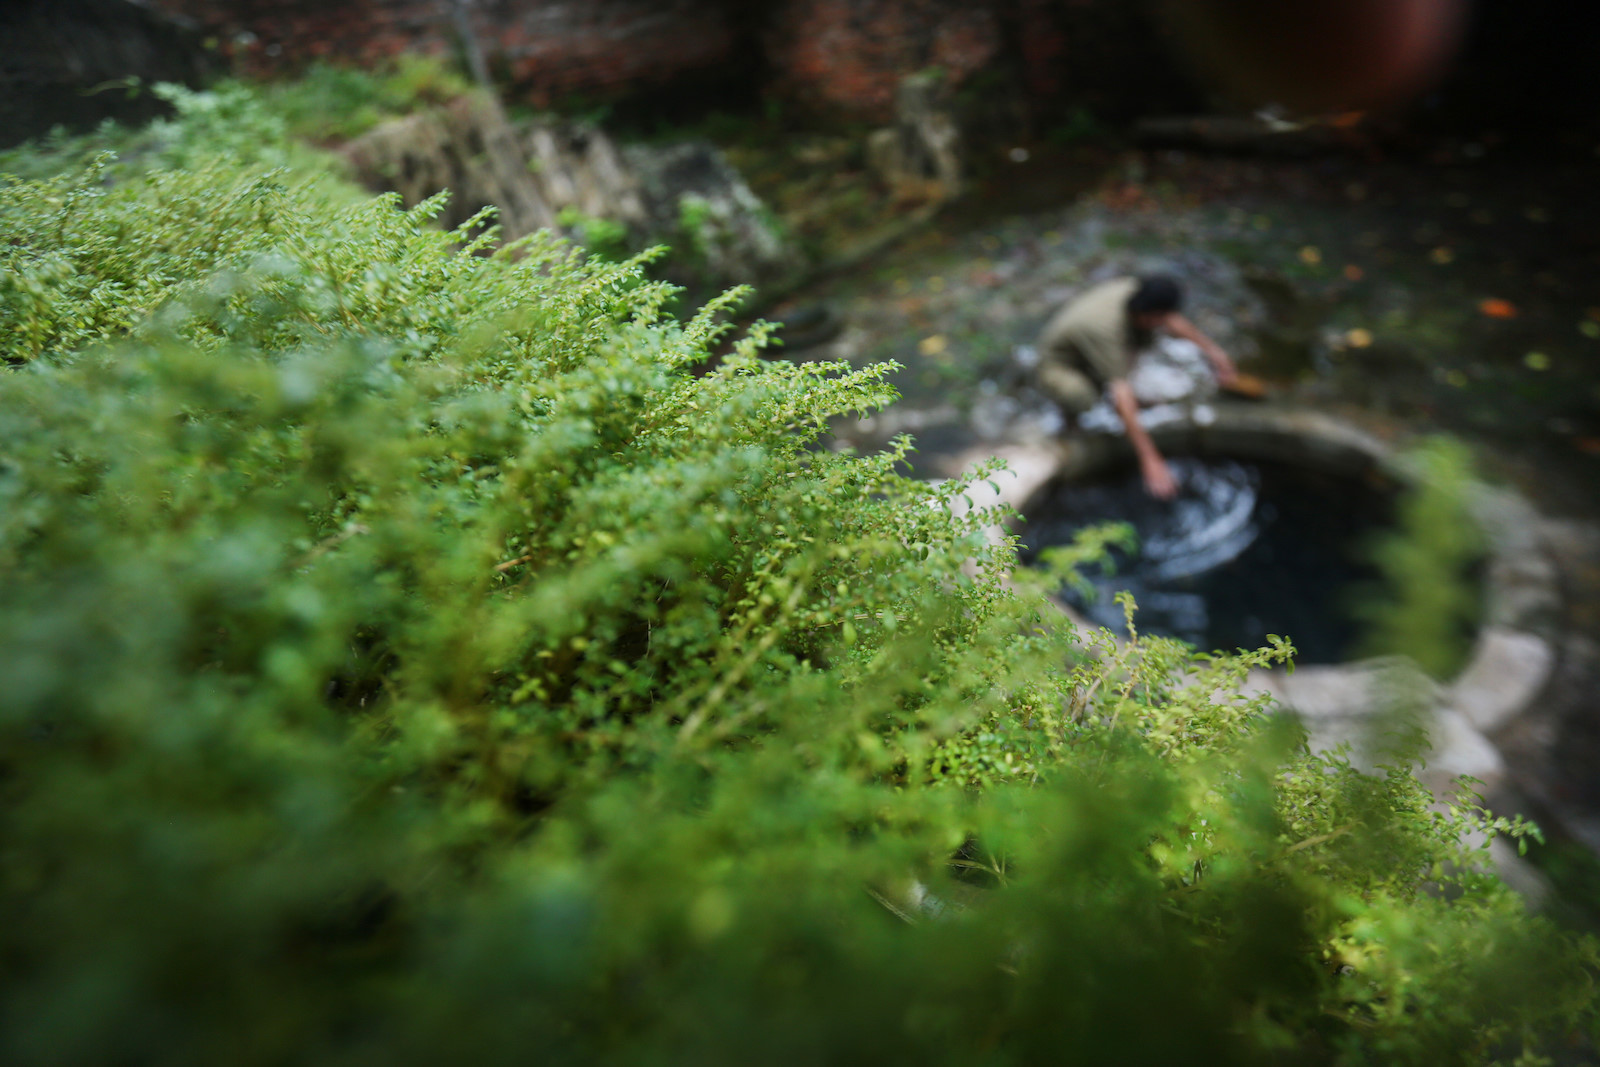 Những khoảnh khắc mùa thu Hà Nội lay động lòng người - 9